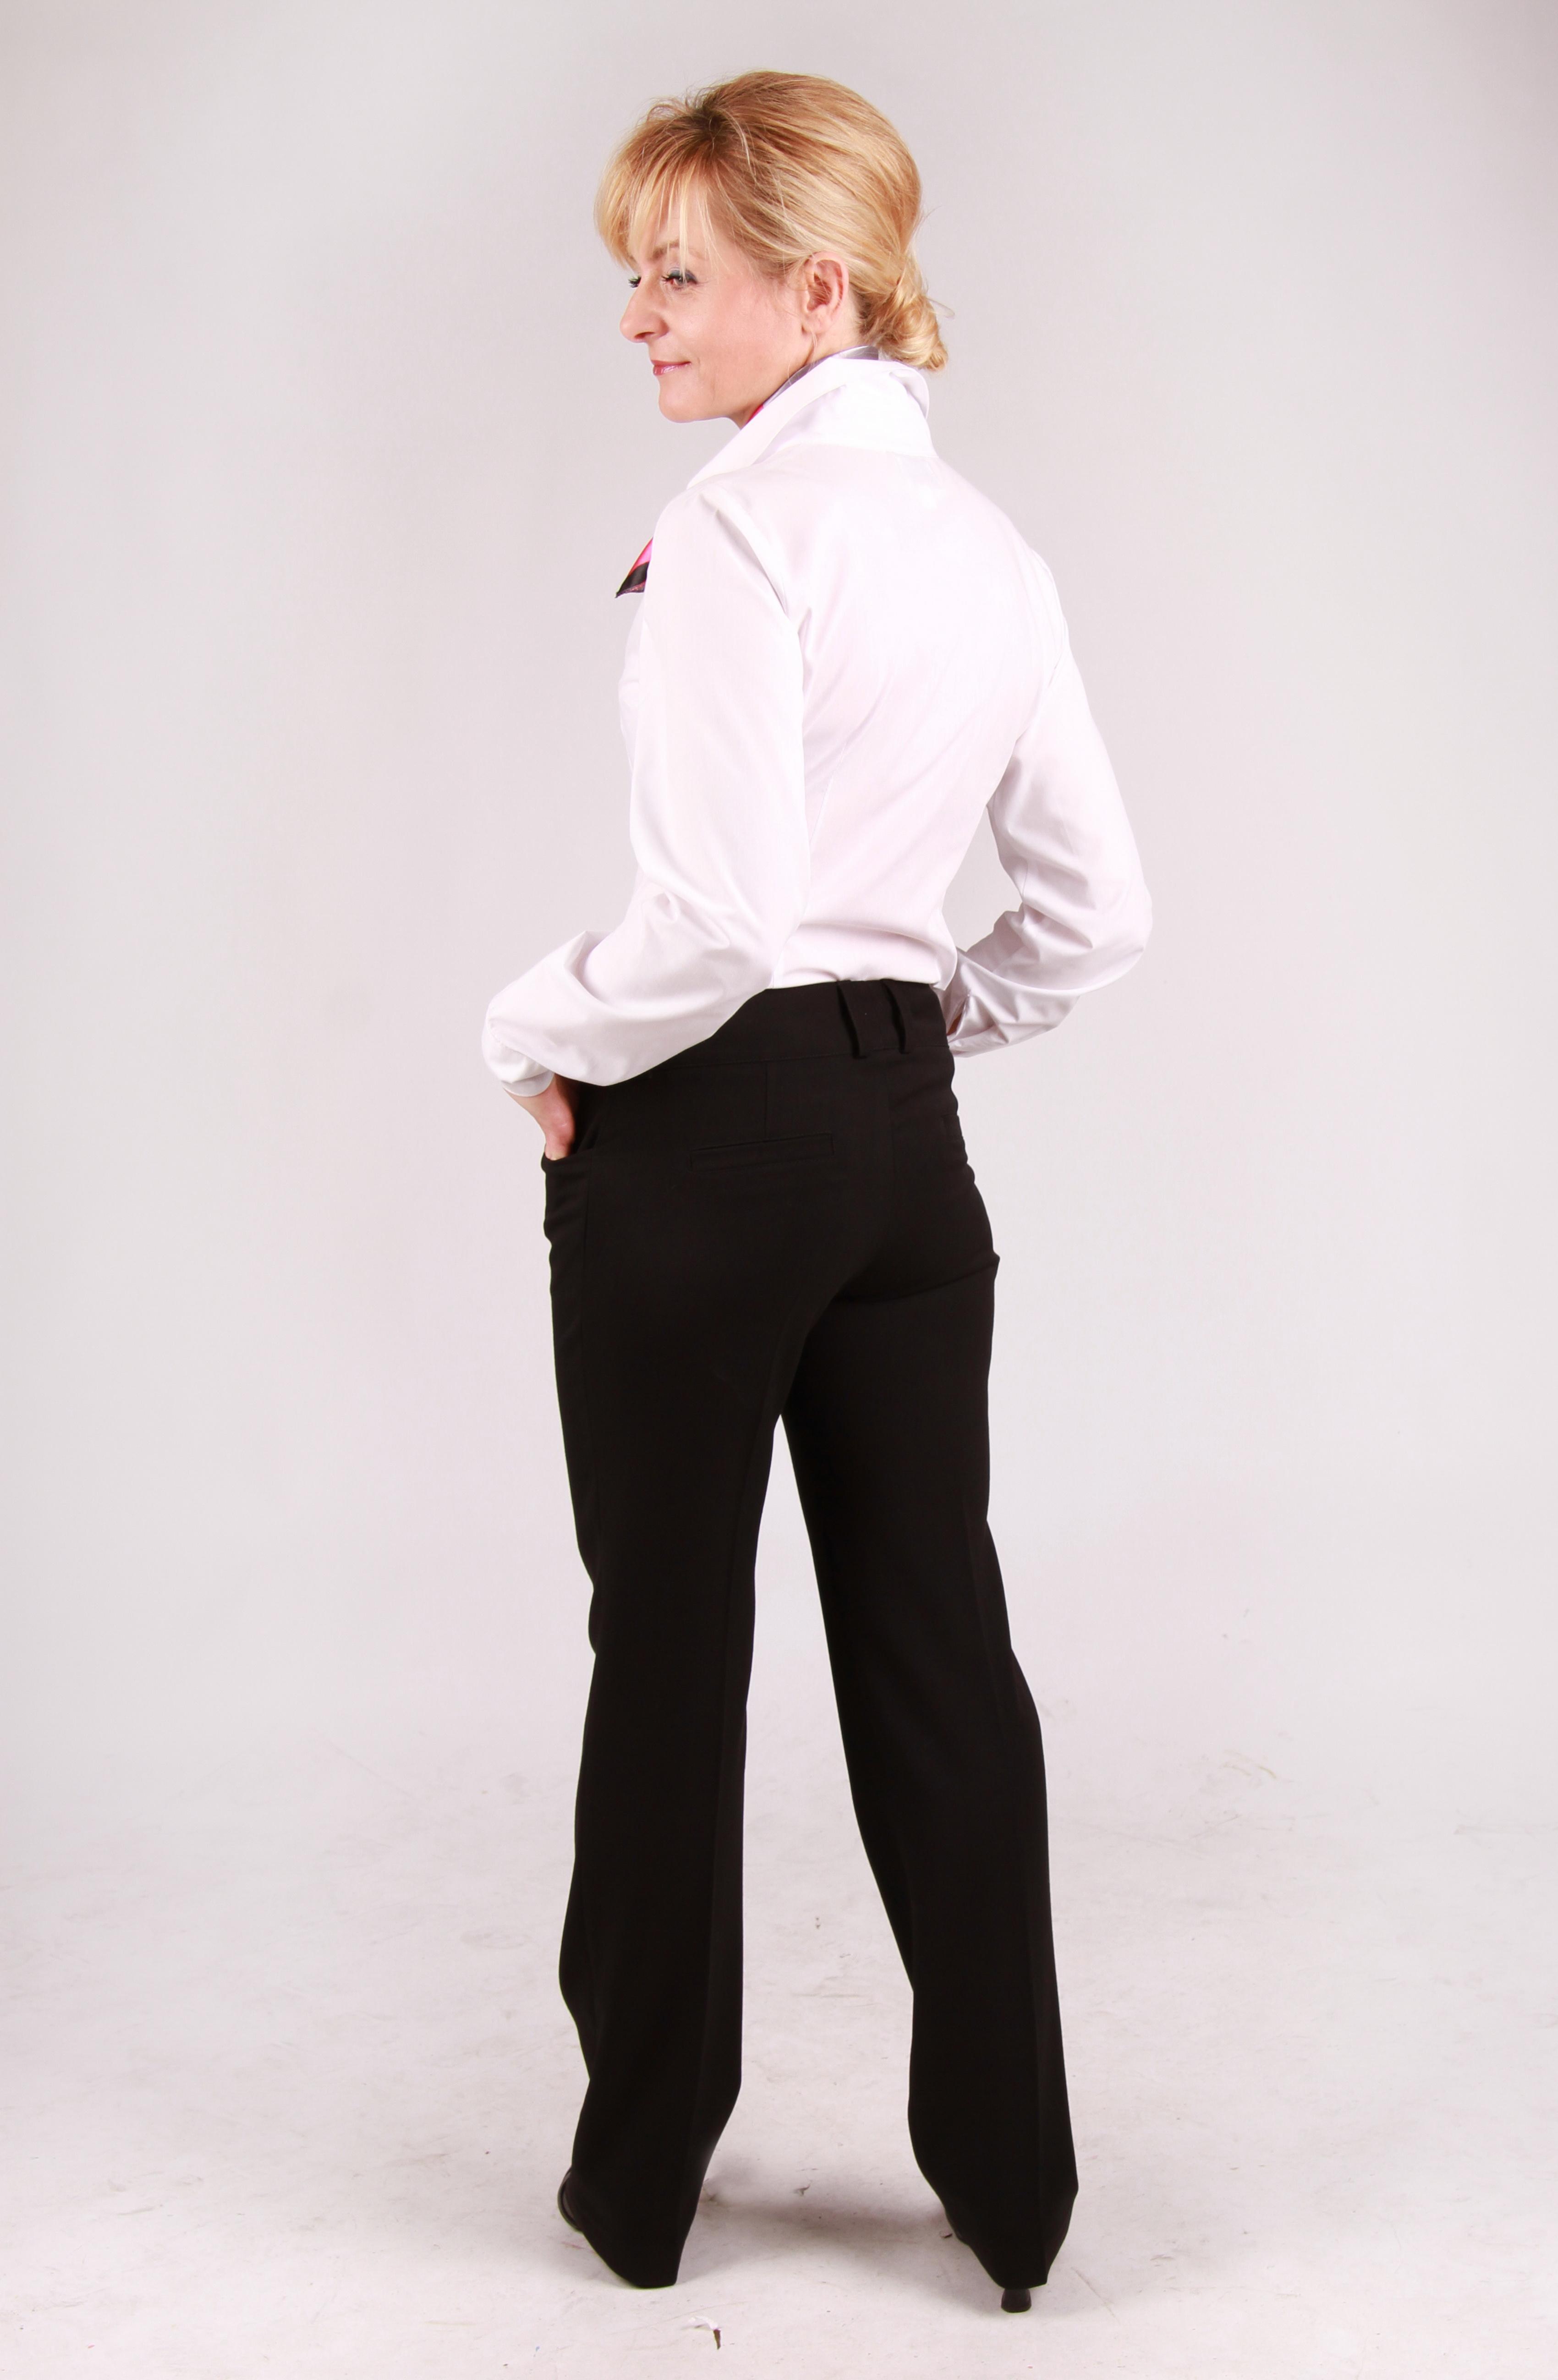 Ubrania służace do reprezentacji firmy świetnie leżą i są doskonałej jakości.